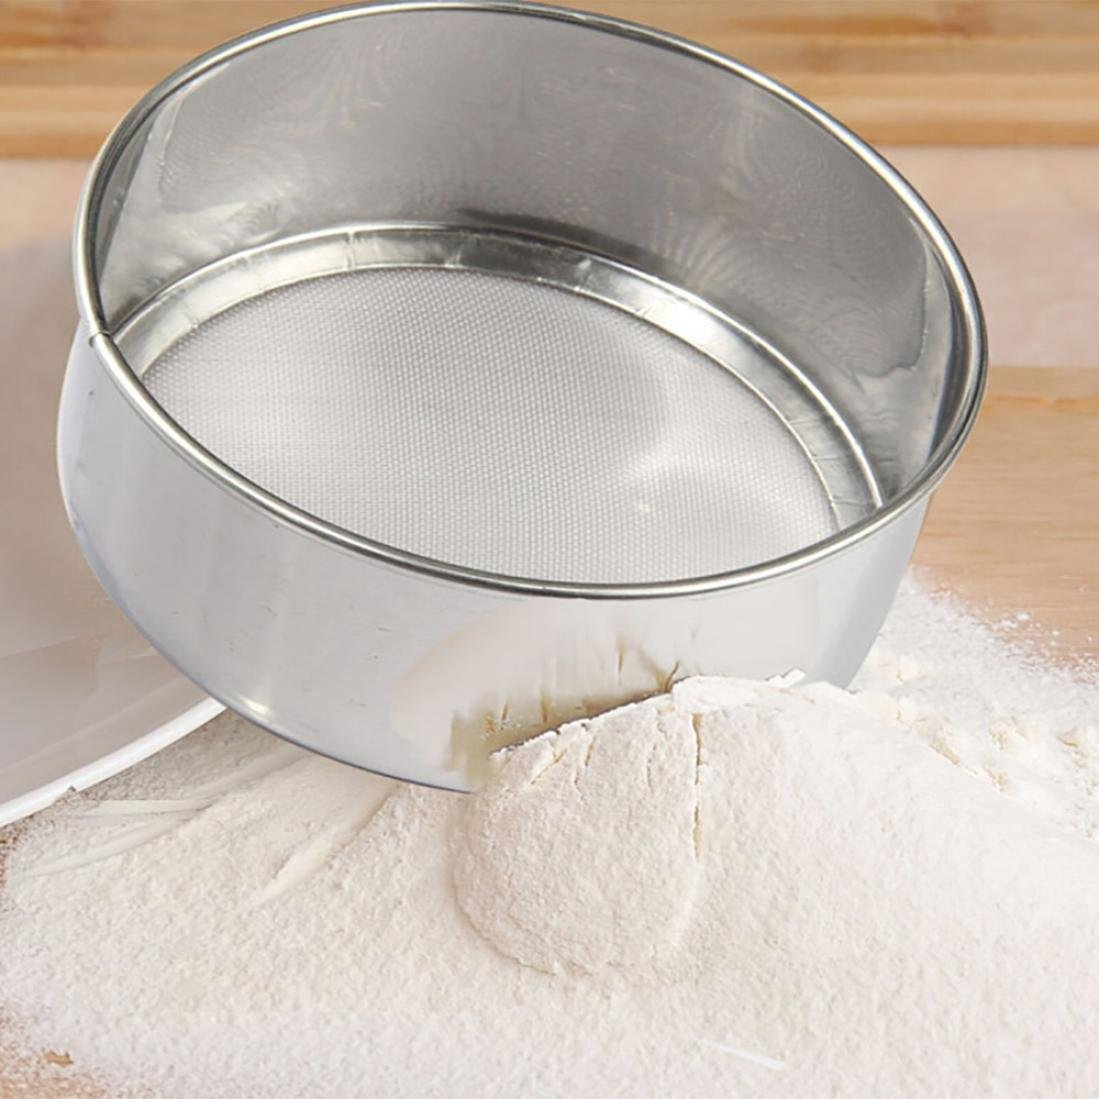 Stainless Steel Sieve Fine Wire Mesh Kitchen Set Upgraded Verison Cup Screen Mesh Powder Flour Colander Sieve Hand Crank Zolimx